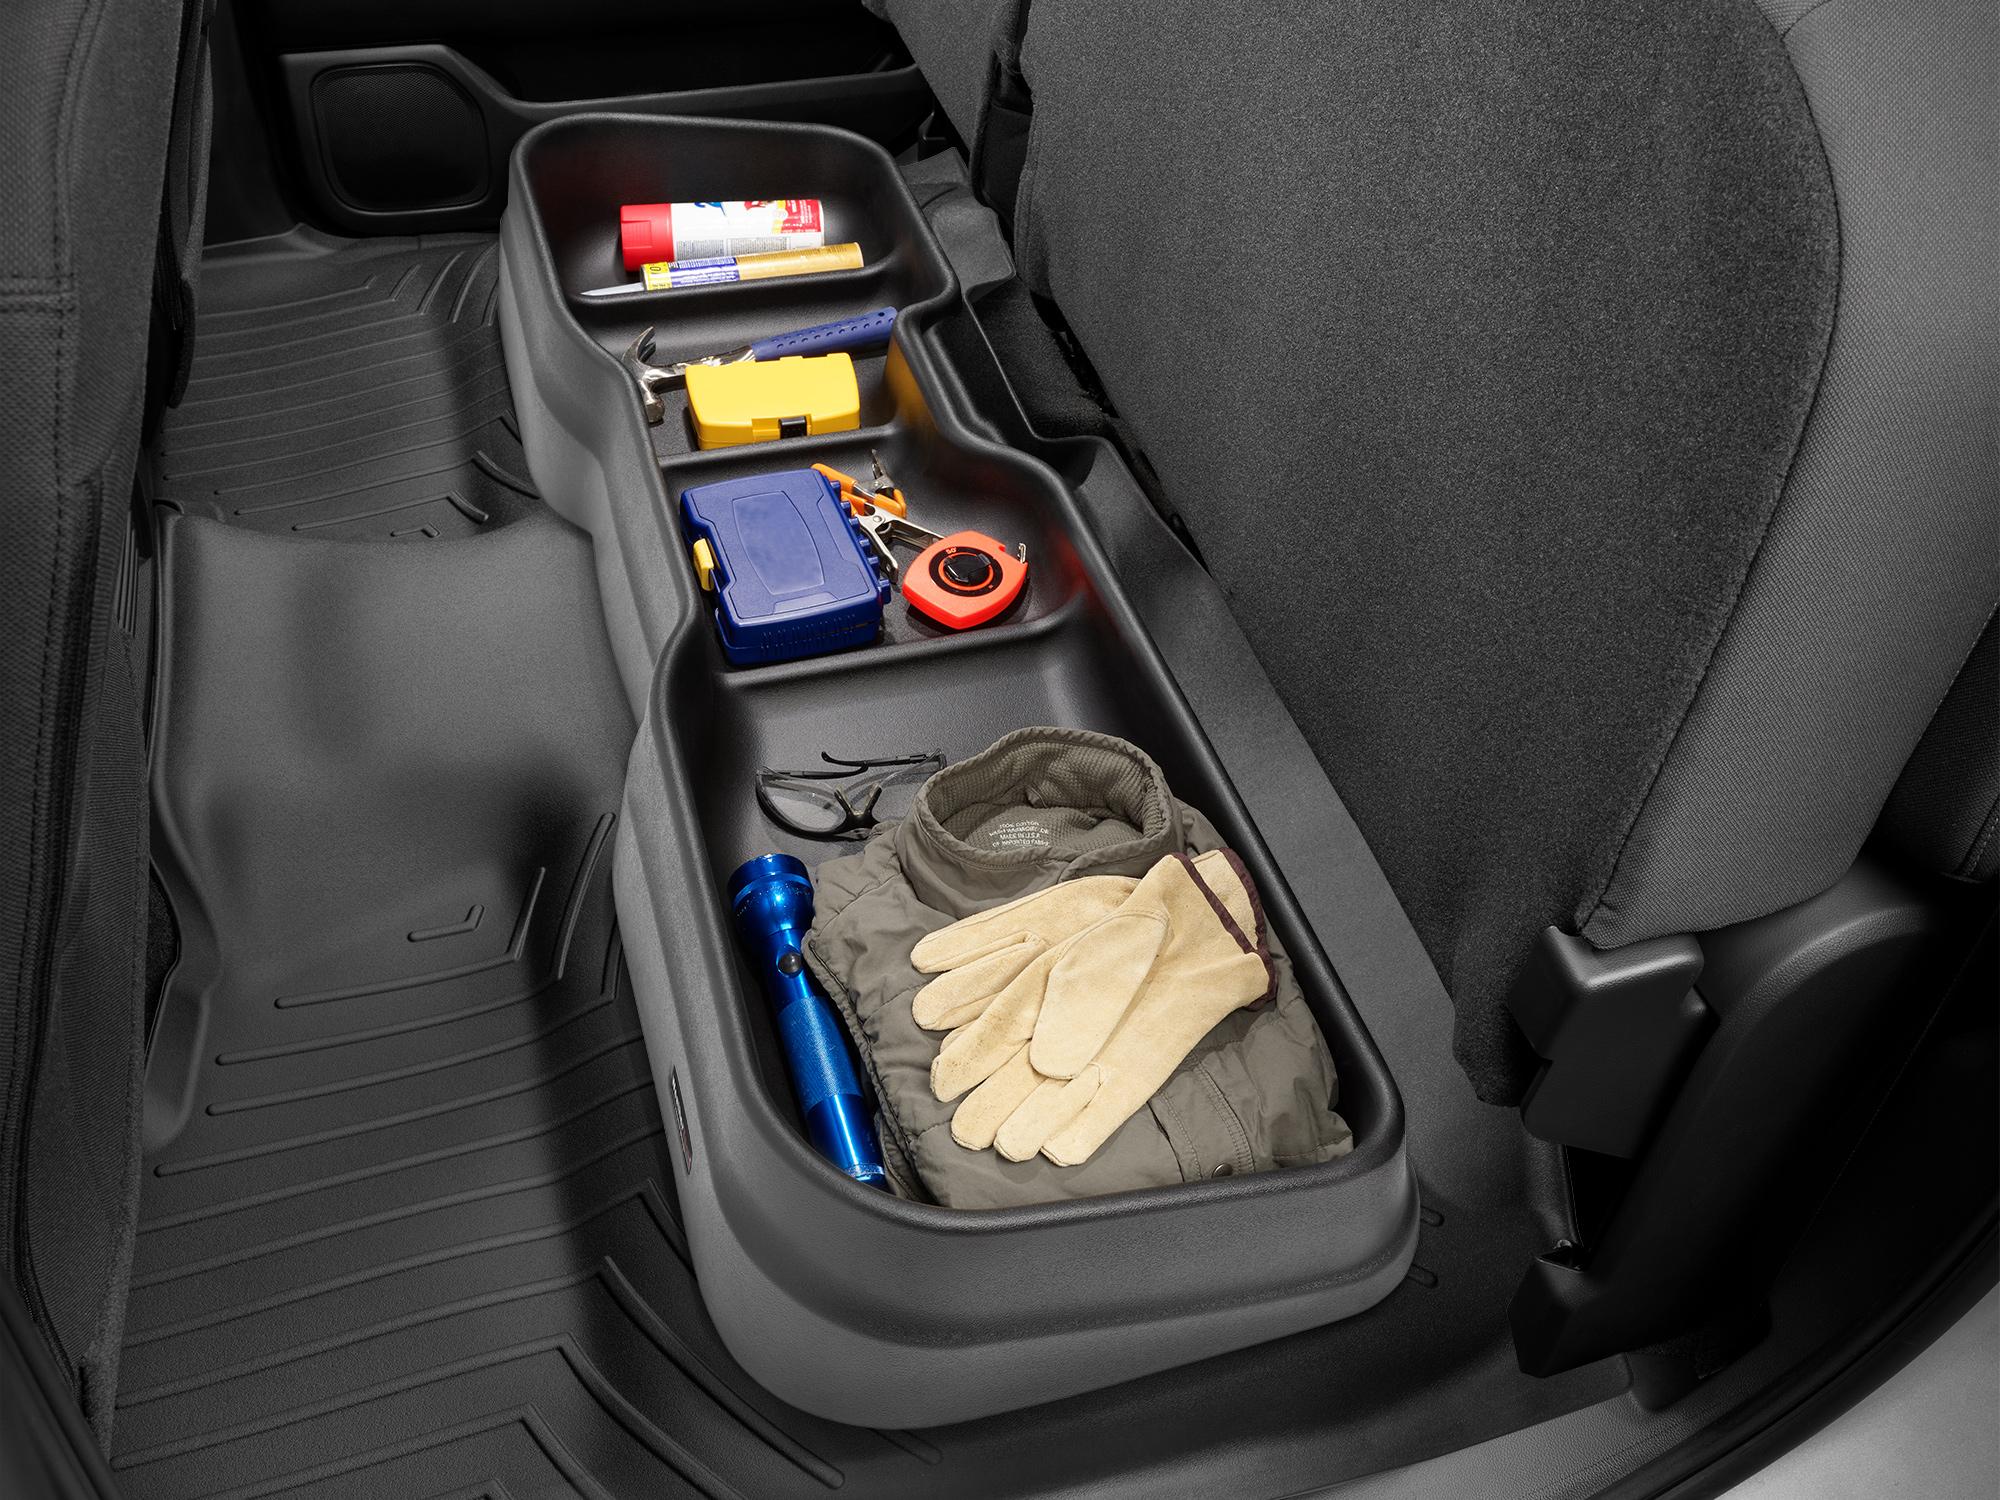 Under Seat Storage System for Trucks